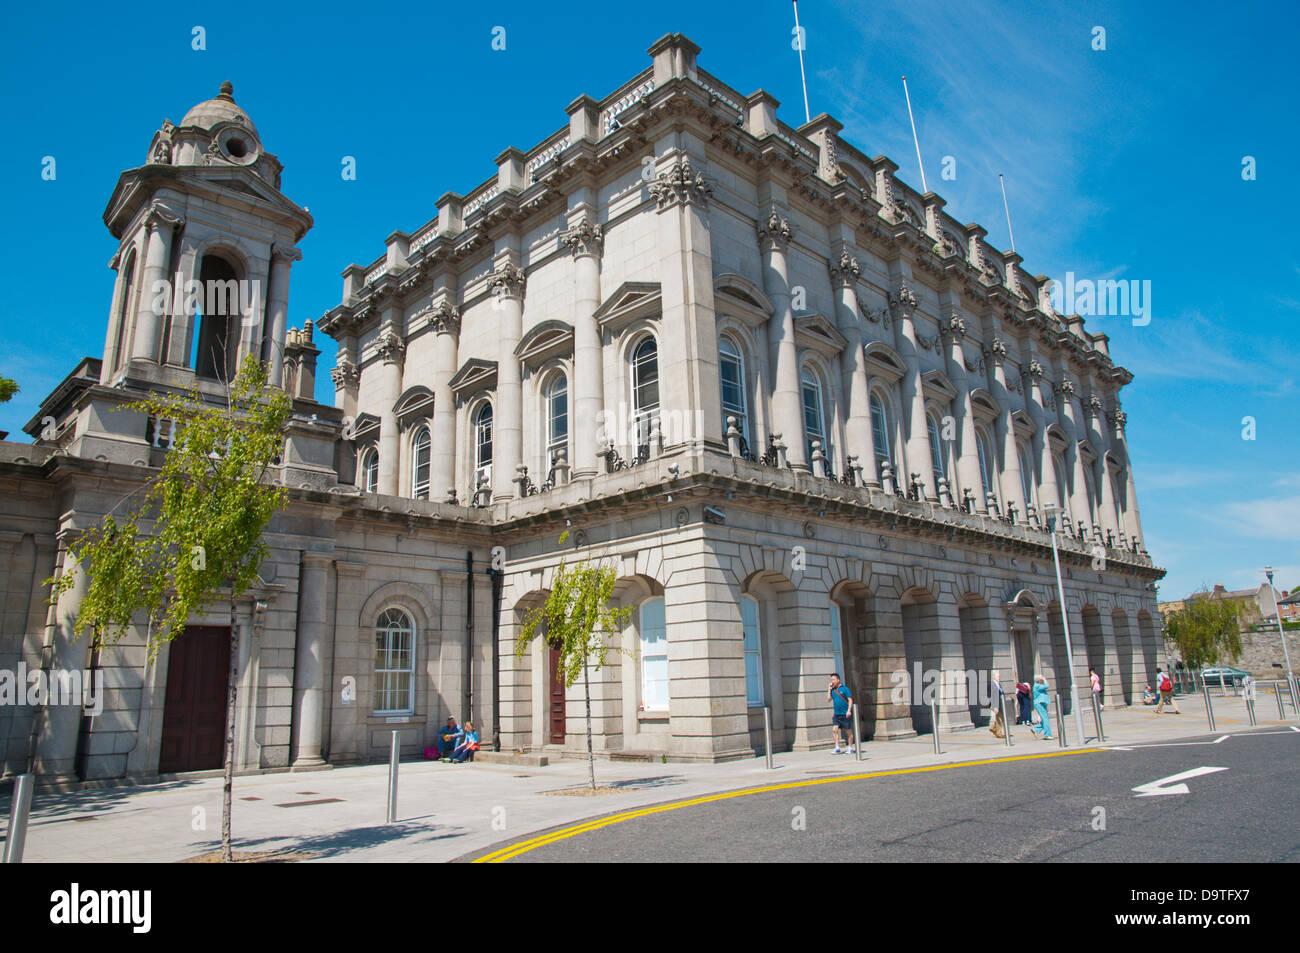 Heuston Station building (1844) Dublin Ireland Europe - Stock Image